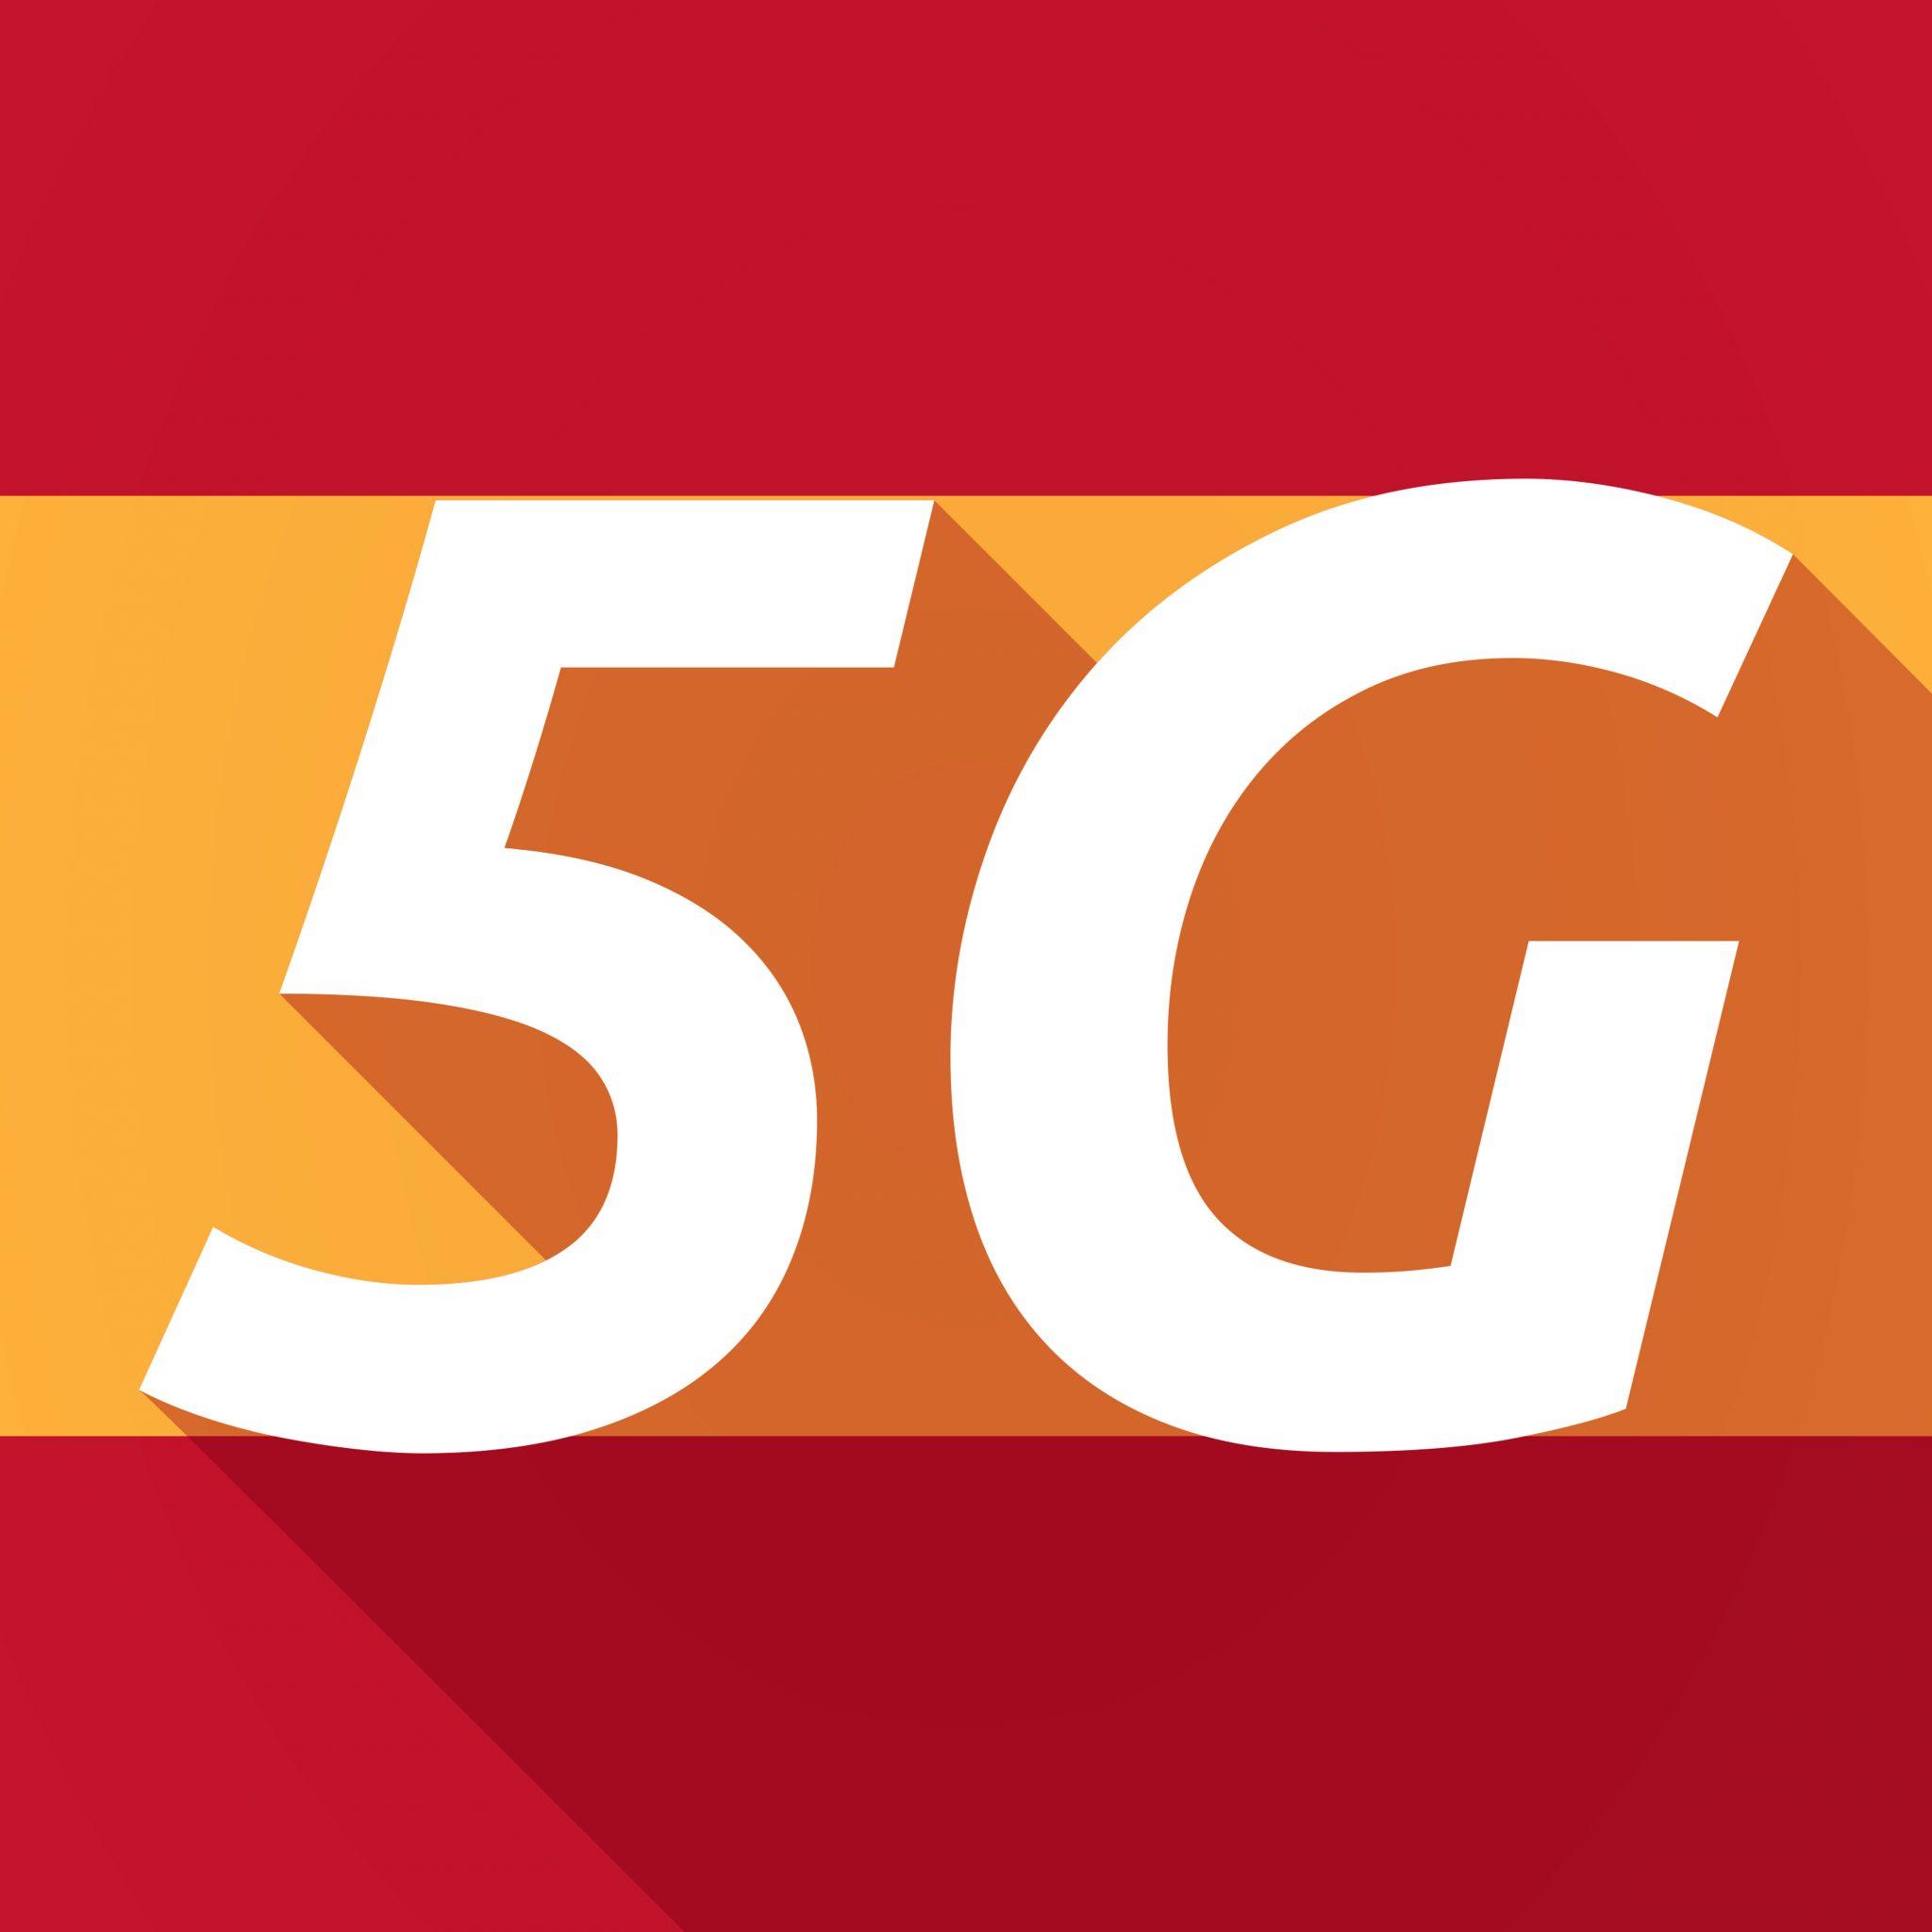 Spanish 5G spectrum auction raises $469 million after four rounds